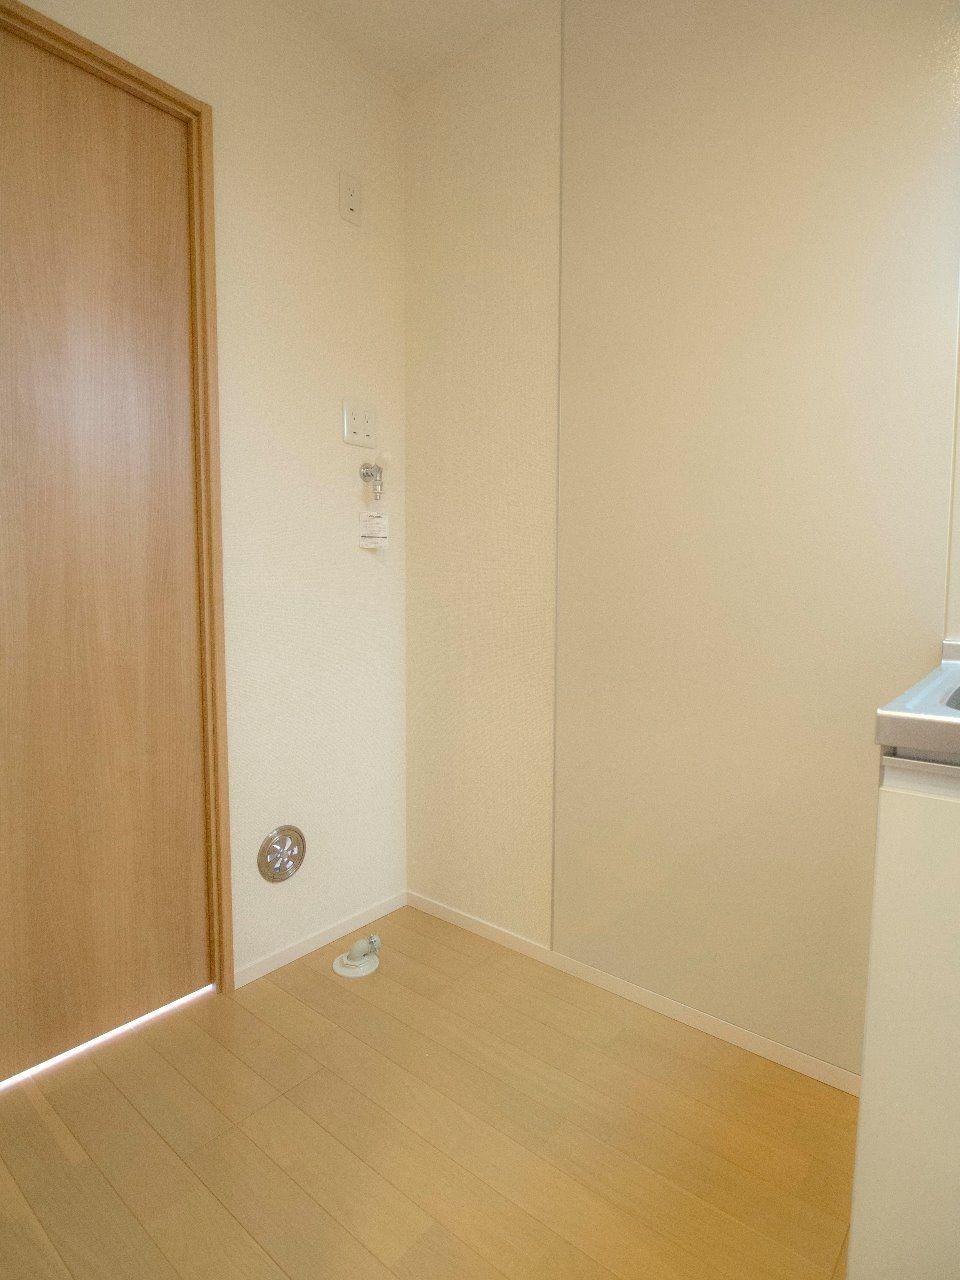 右側に冷蔵庫、左側に洗濯機を置きます(それぞれ60cm四方程度)